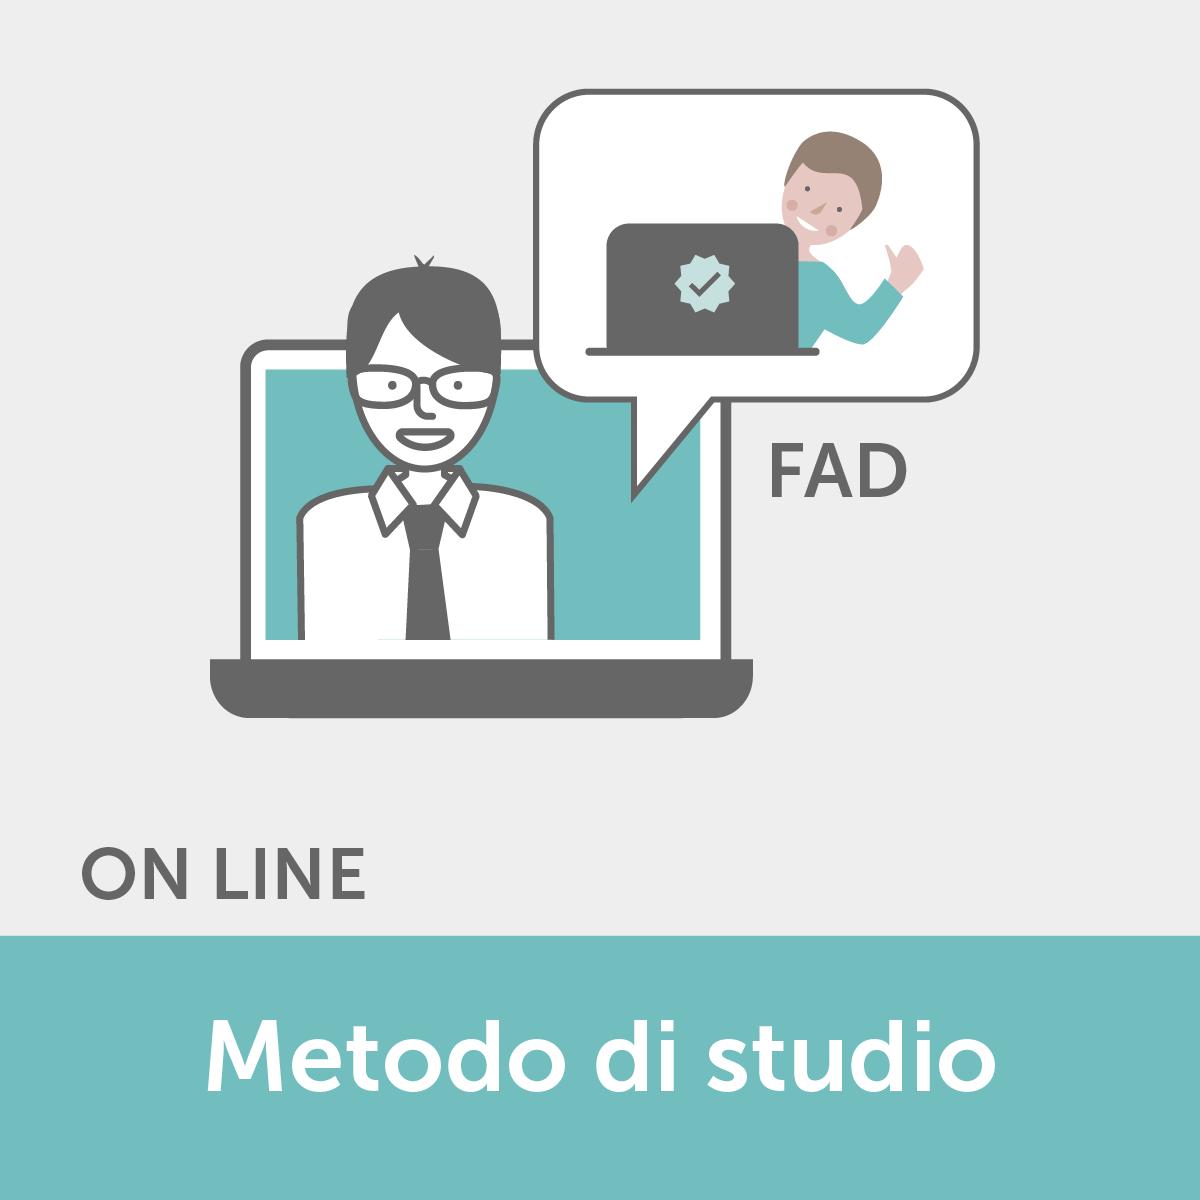 FAD - I fondamenti di un buon metodo di studio e gli strumenti compensativi informatici